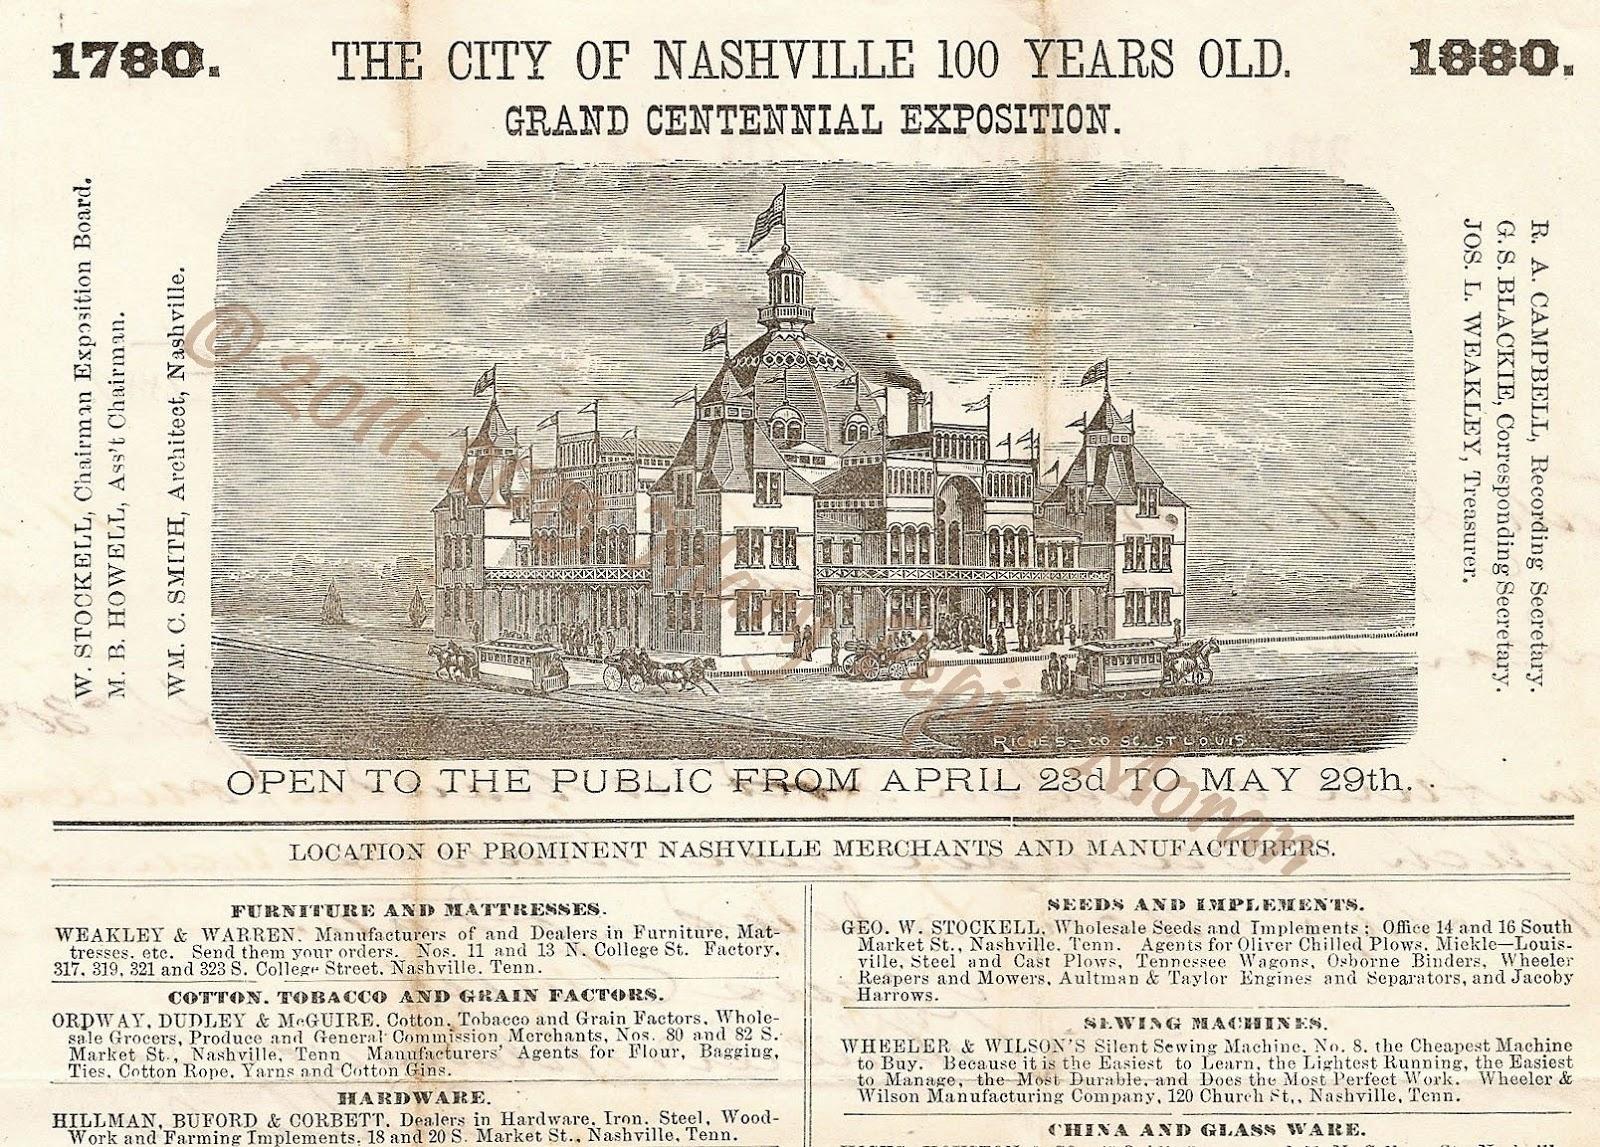 Moran Place ©: Nashville 1880 Centennial & Wheeler & Wilson